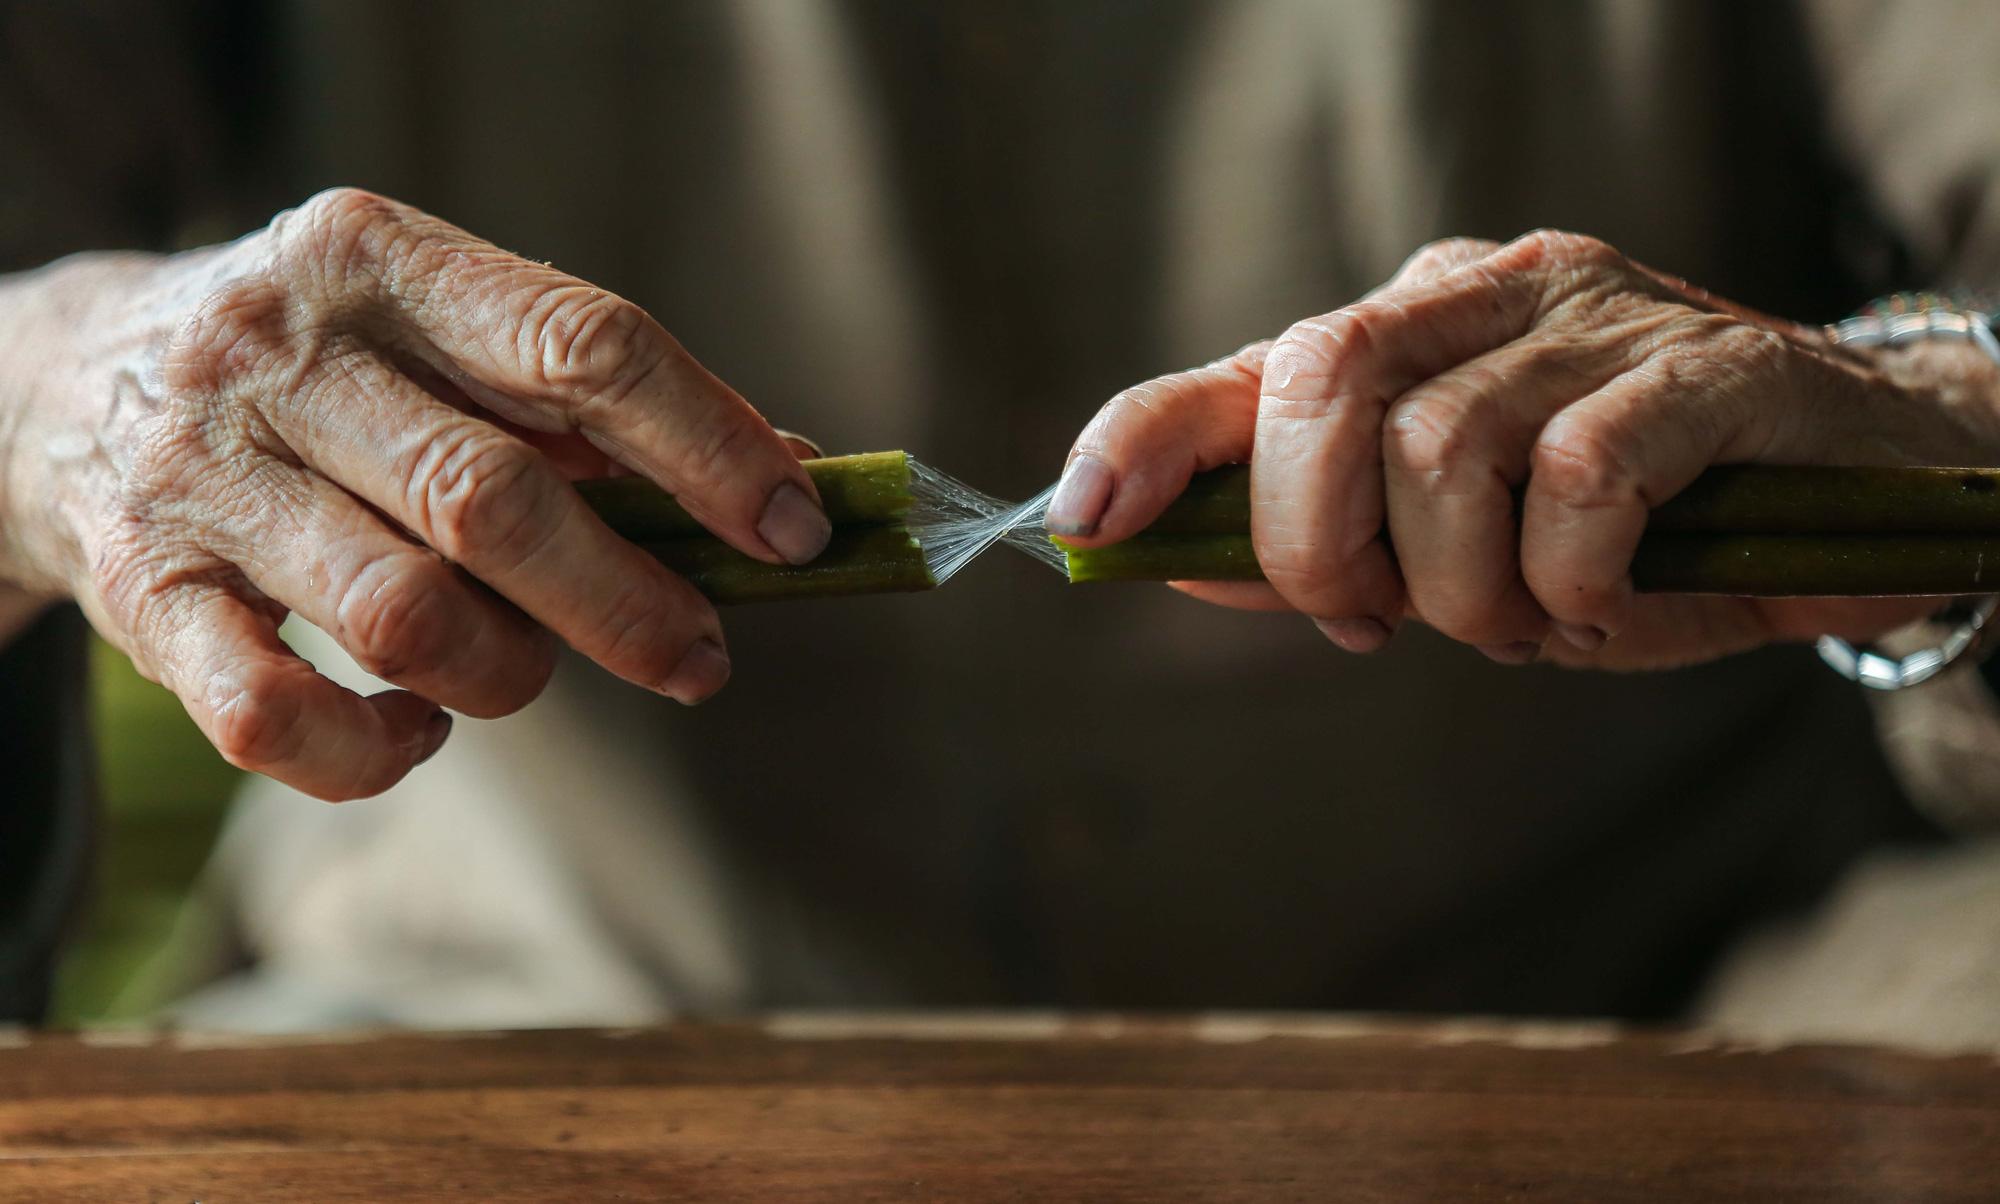 Chiêm ngưỡng các công đoạn dệt lụa bằng tơ sen độc đáo ở Việt Nam - Ảnh 6.